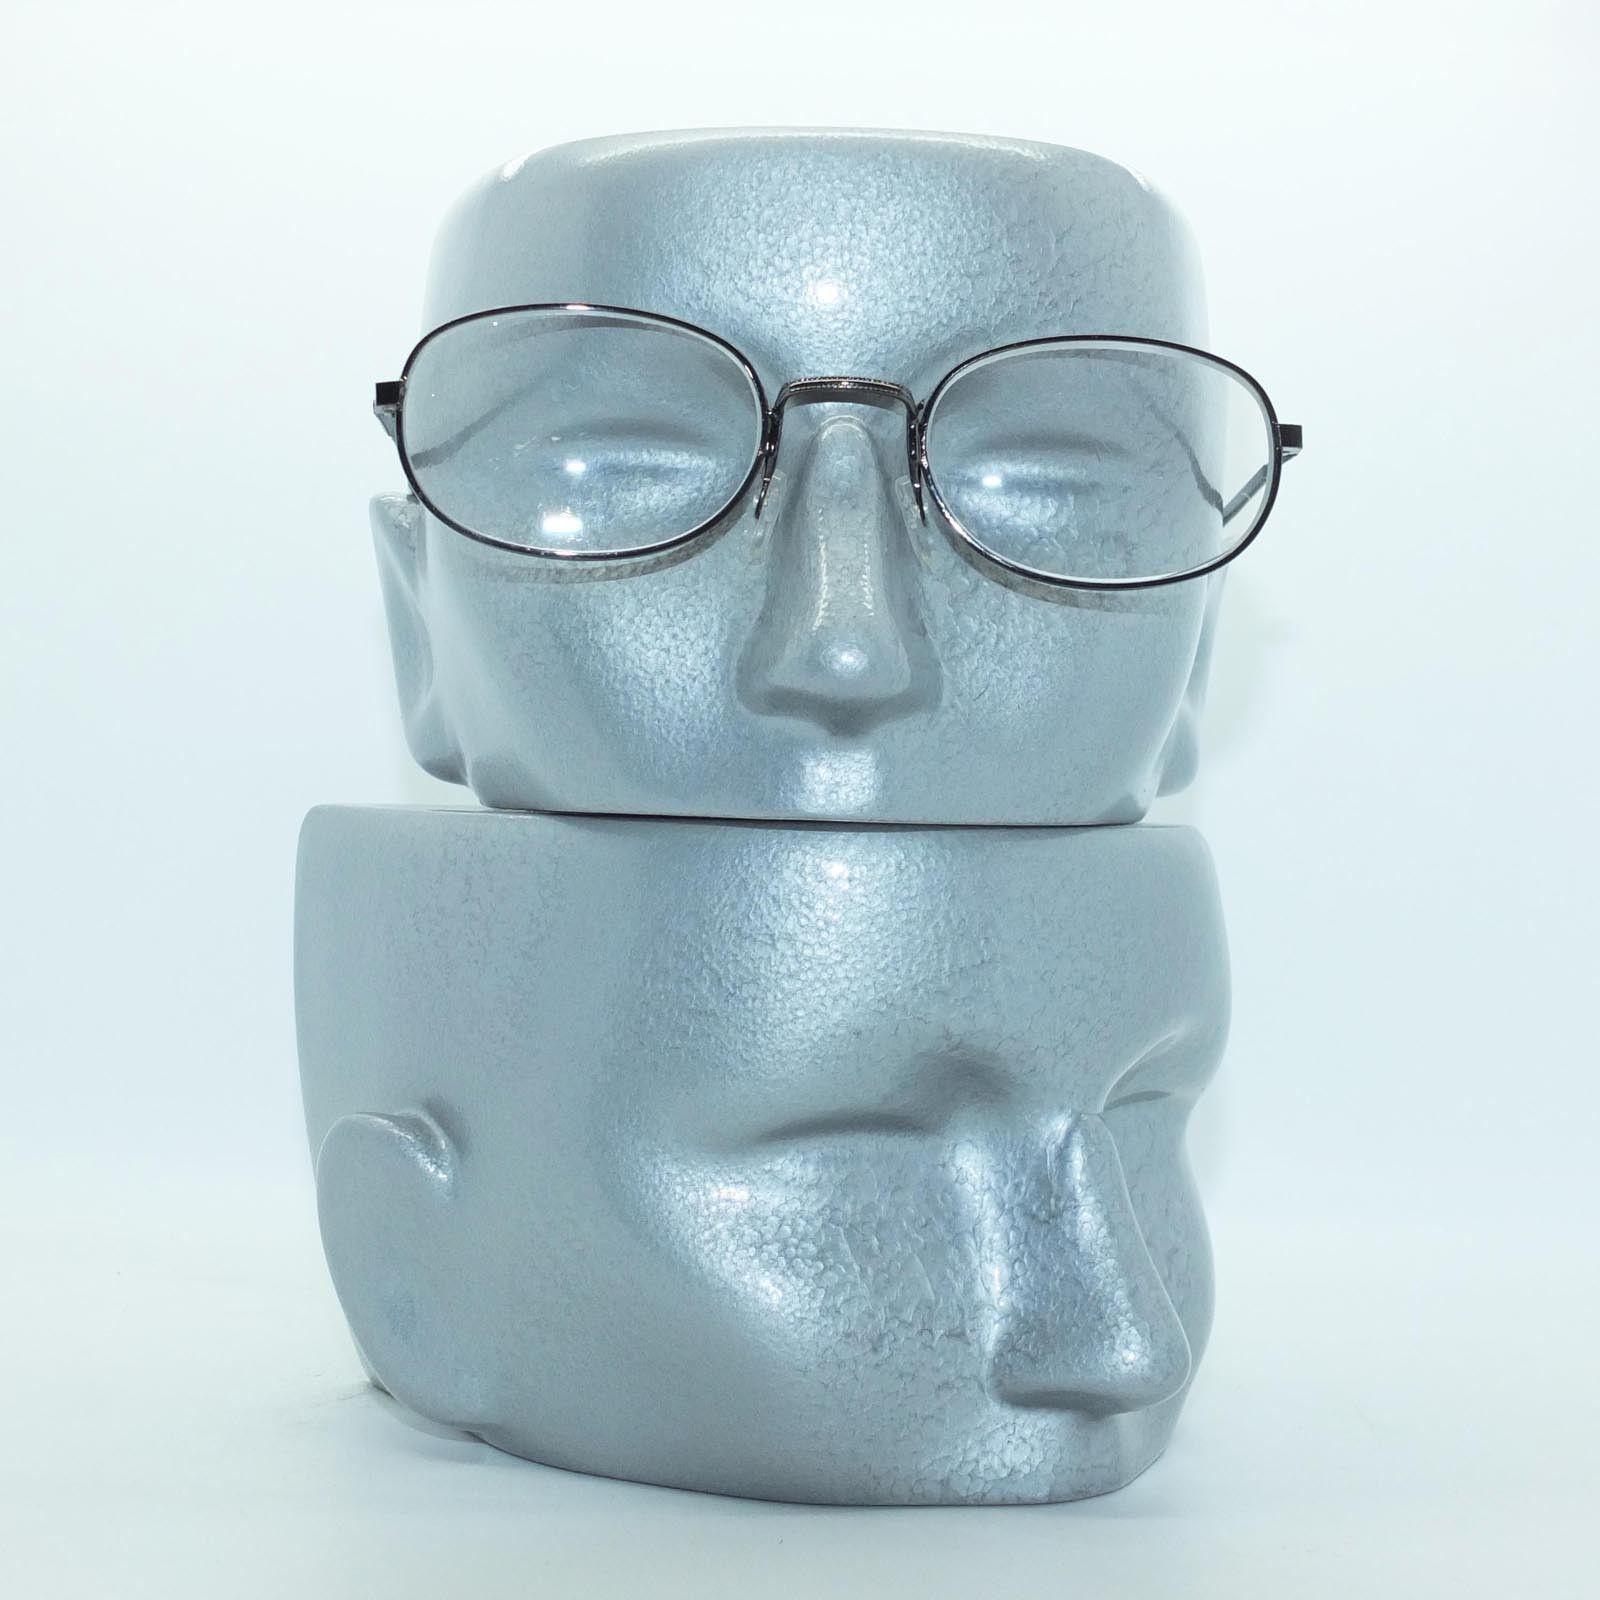 Reading Glasses Delicate Oval Lightweight Matte Black Metal Frame +1.75 Lens